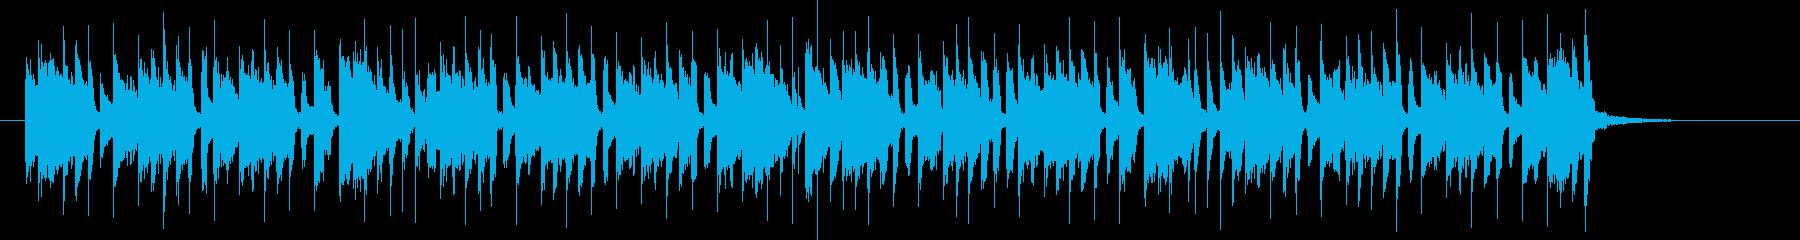 テンションアップな元気な音楽の再生済みの波形